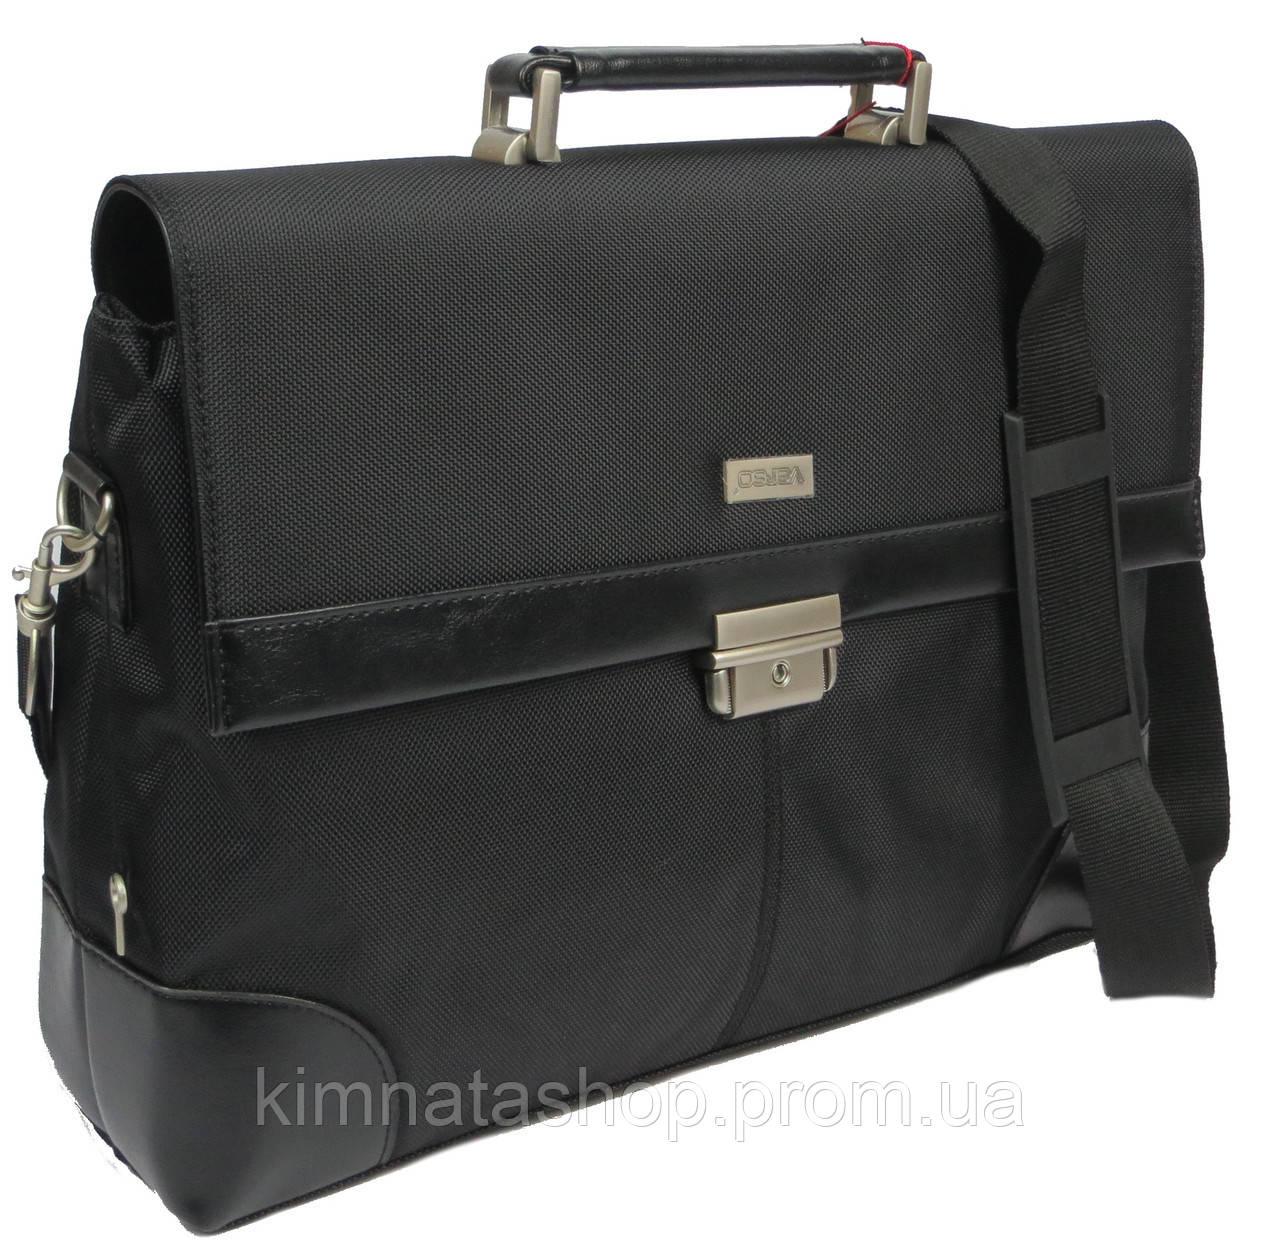 Мужской деловой портфель из нейлона VERSO B056 черный